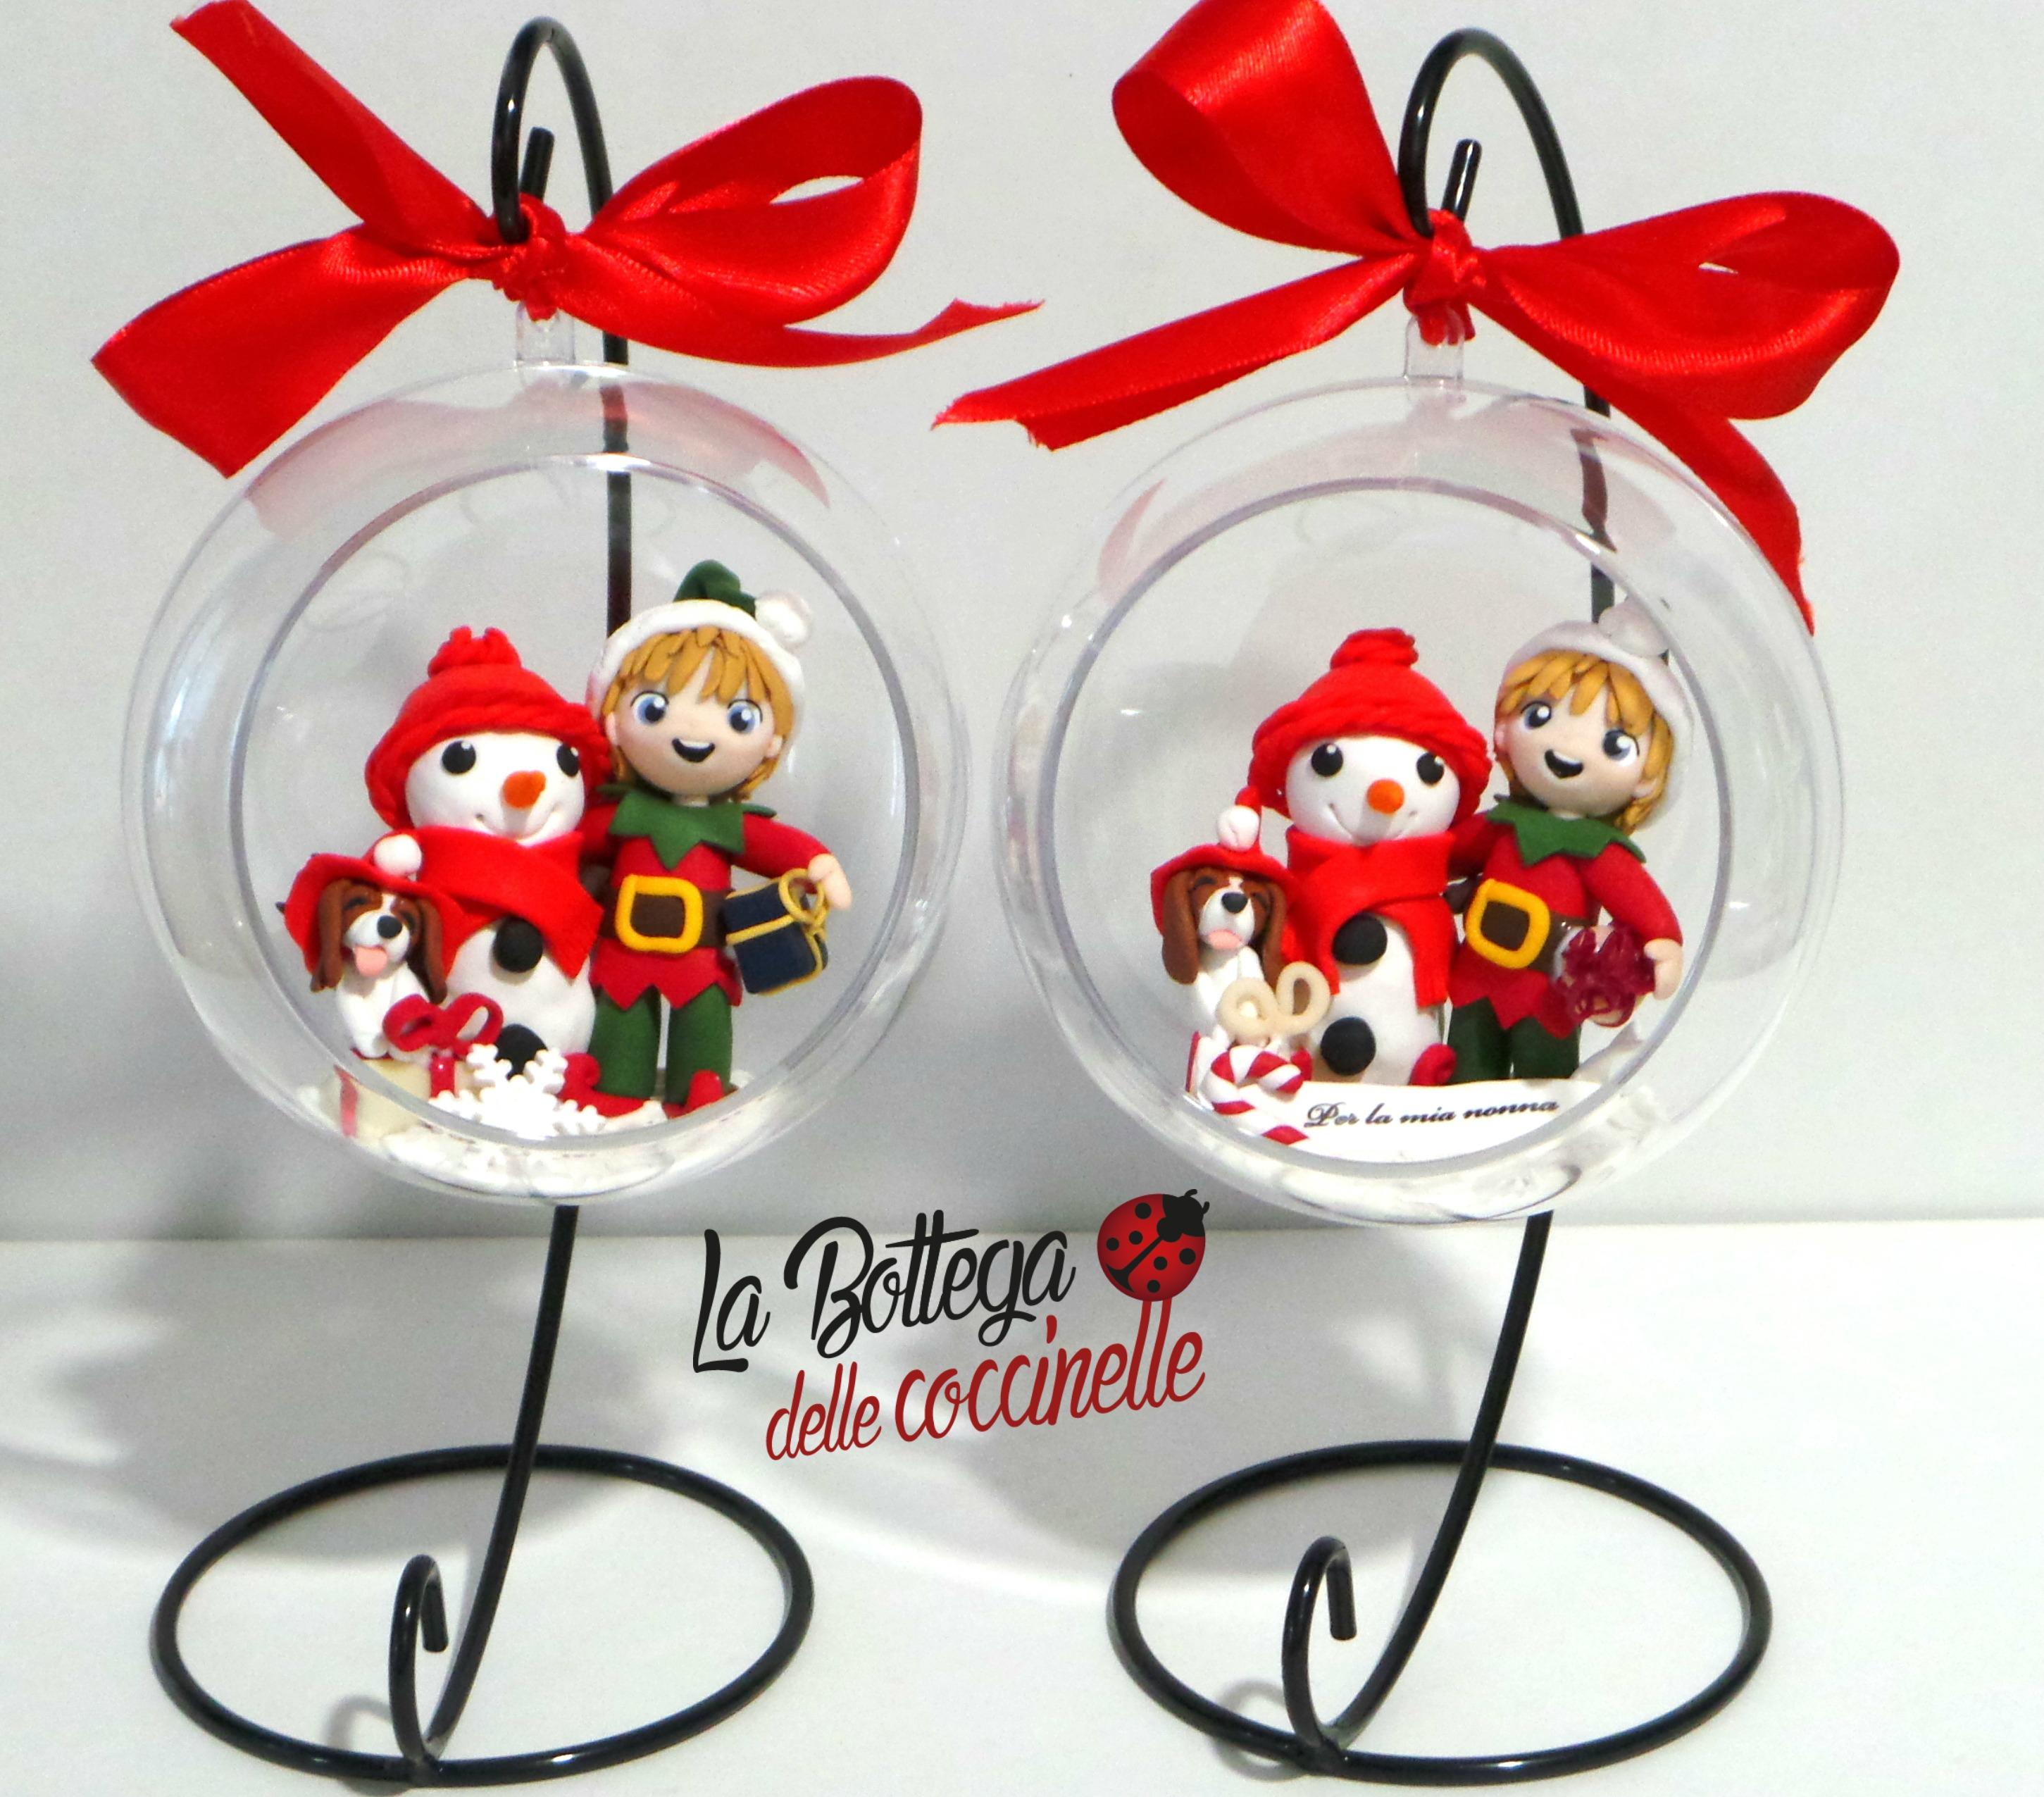 Top La Bottega delle coccinelle, decorazioni per Natale personalizzate  WG88